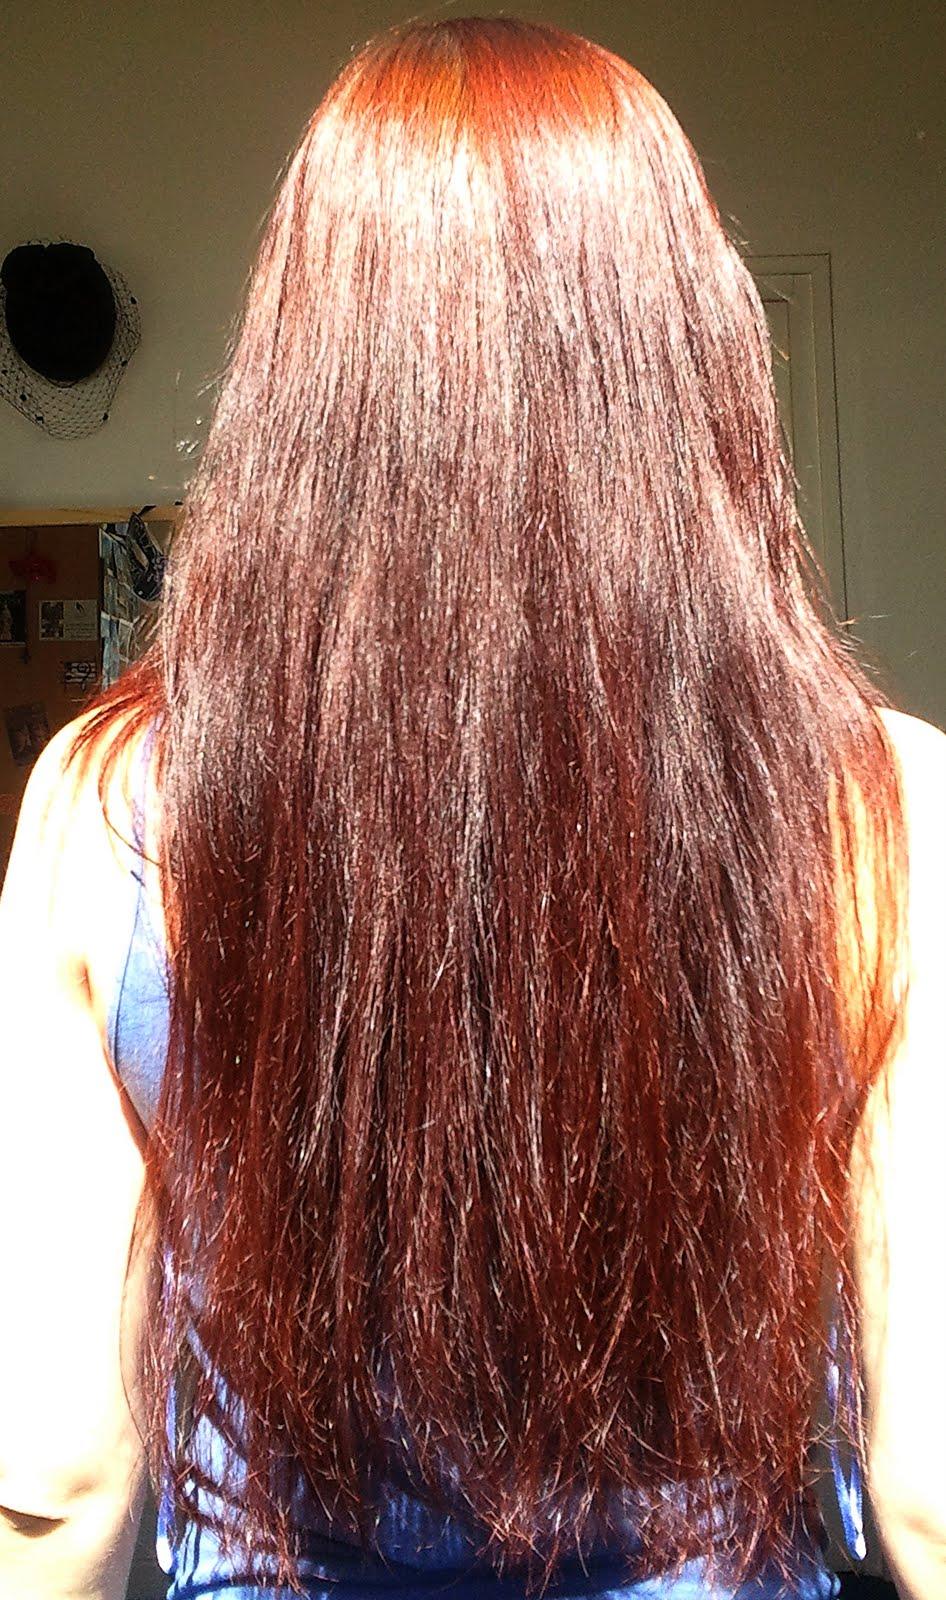 Le moyen sur les herbes contre la chute des cheveux